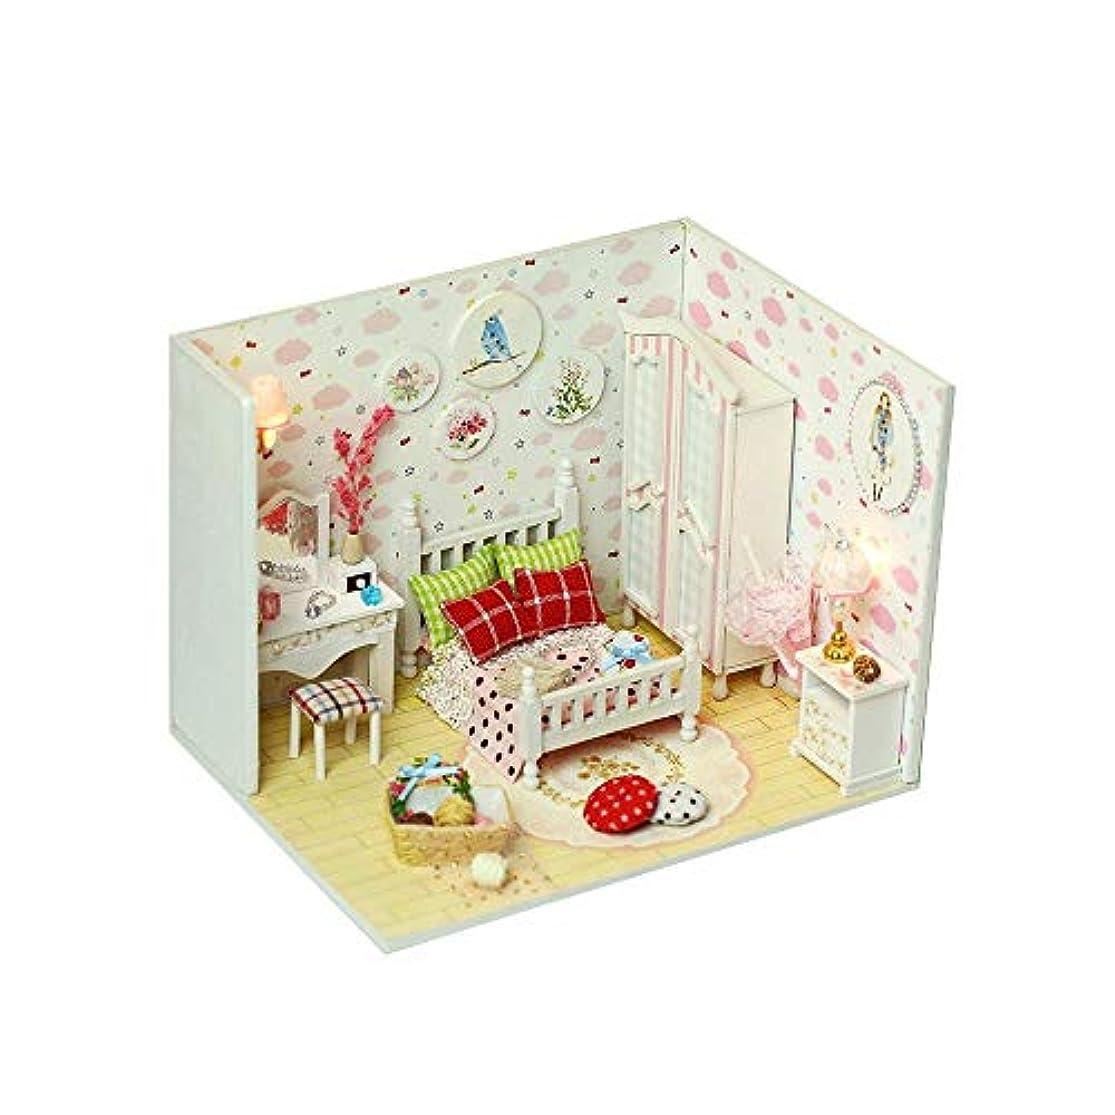 お酢図書館じゃないDANHCHUN DIYドール ハウス ハンド クラフトかわいい木製ハウス ミニ ベッド ルーム家具キット、スウィートスタードリームギフト用キッズDIYハウス